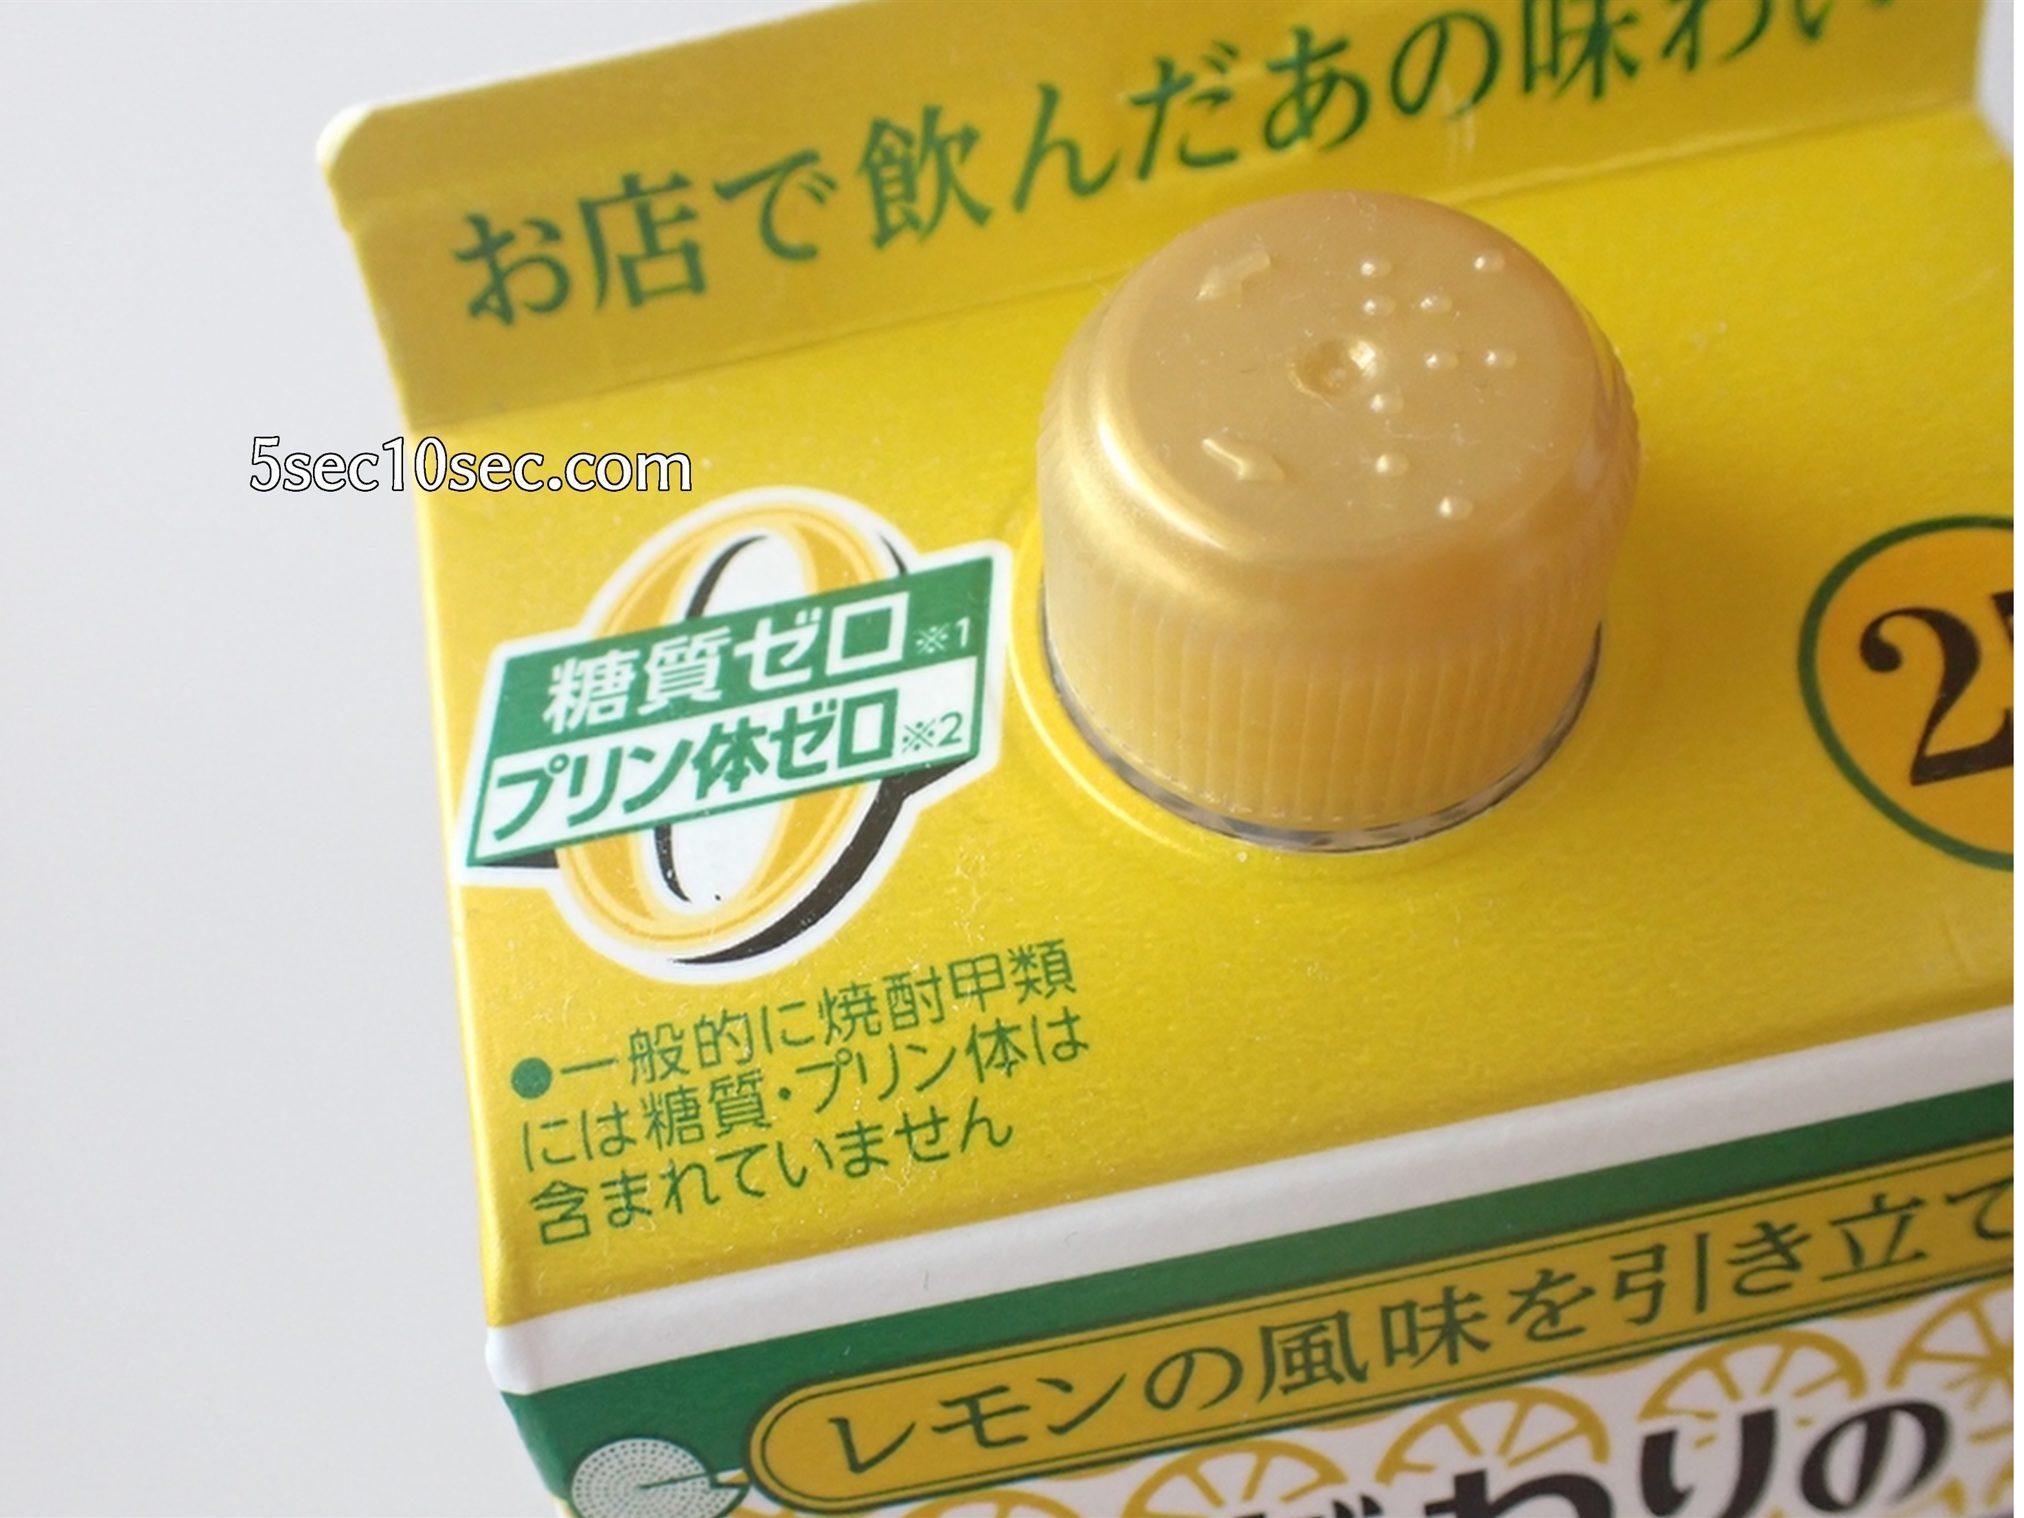 宝酒造 こだわりのレモンサワー用 宝焼酎 糖質ゼロ、プリン体ゼロだから、お酒をスッキリ楽しめる